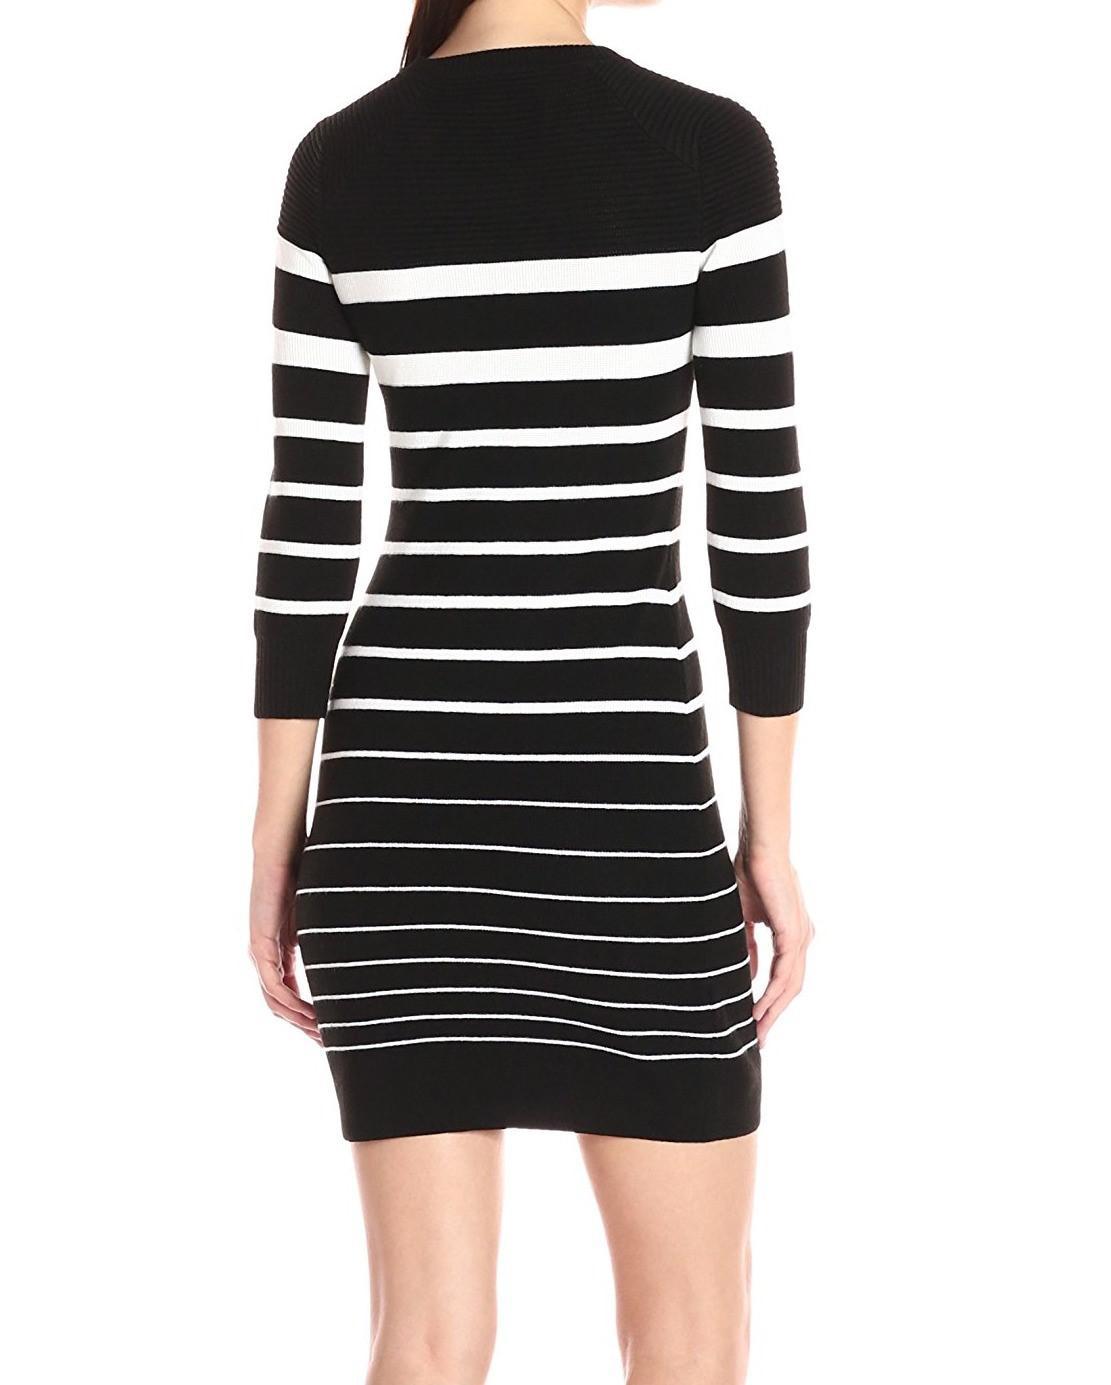 Lyst - Calvin Klein Petite Button-trim Striped Sweater Dress in Black c9025d8ec